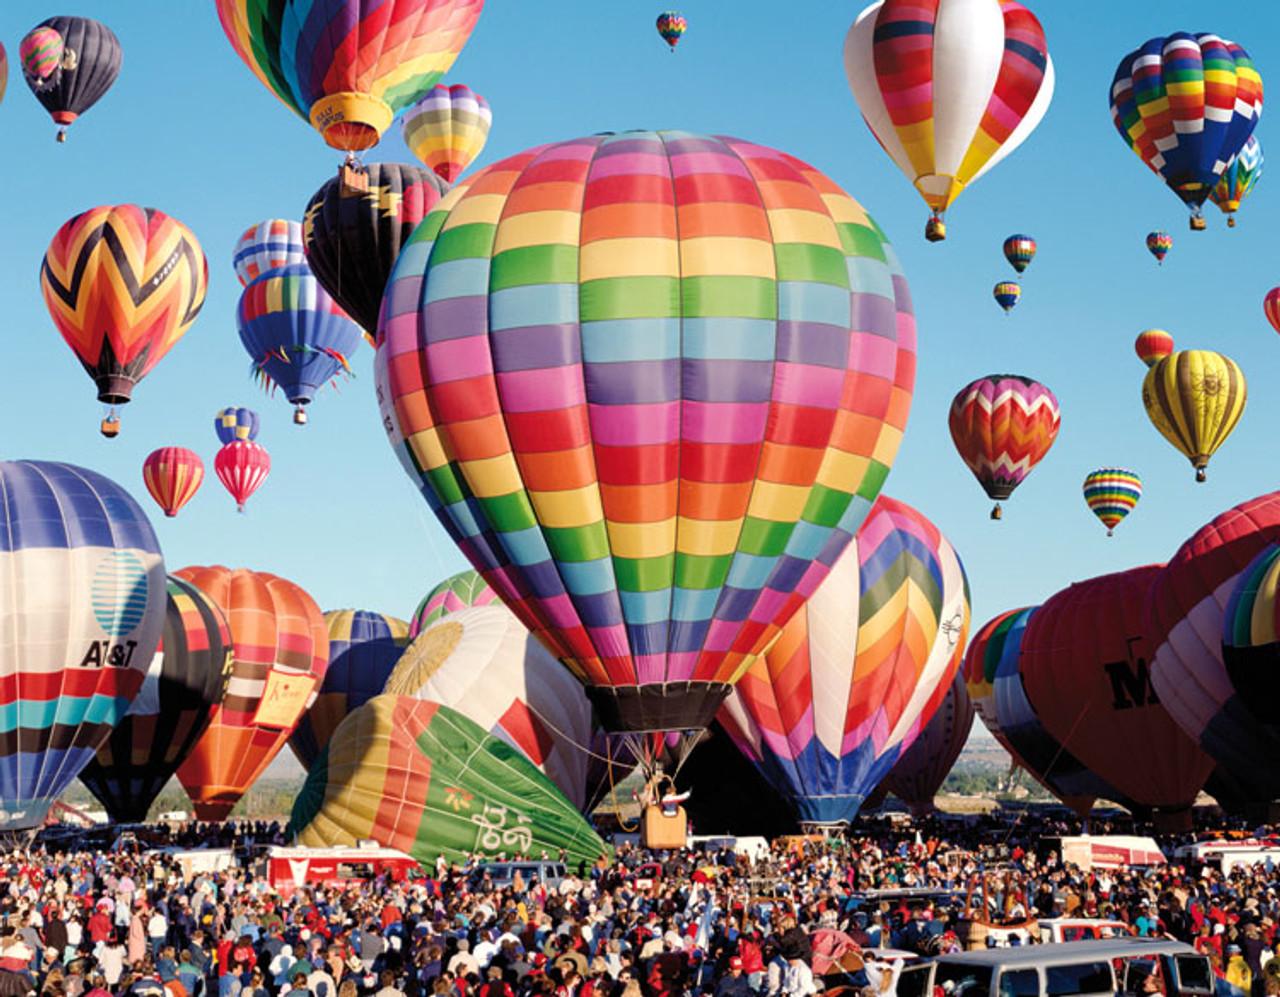 Mass Ascension at the Albuquerque Balloon Fiesta